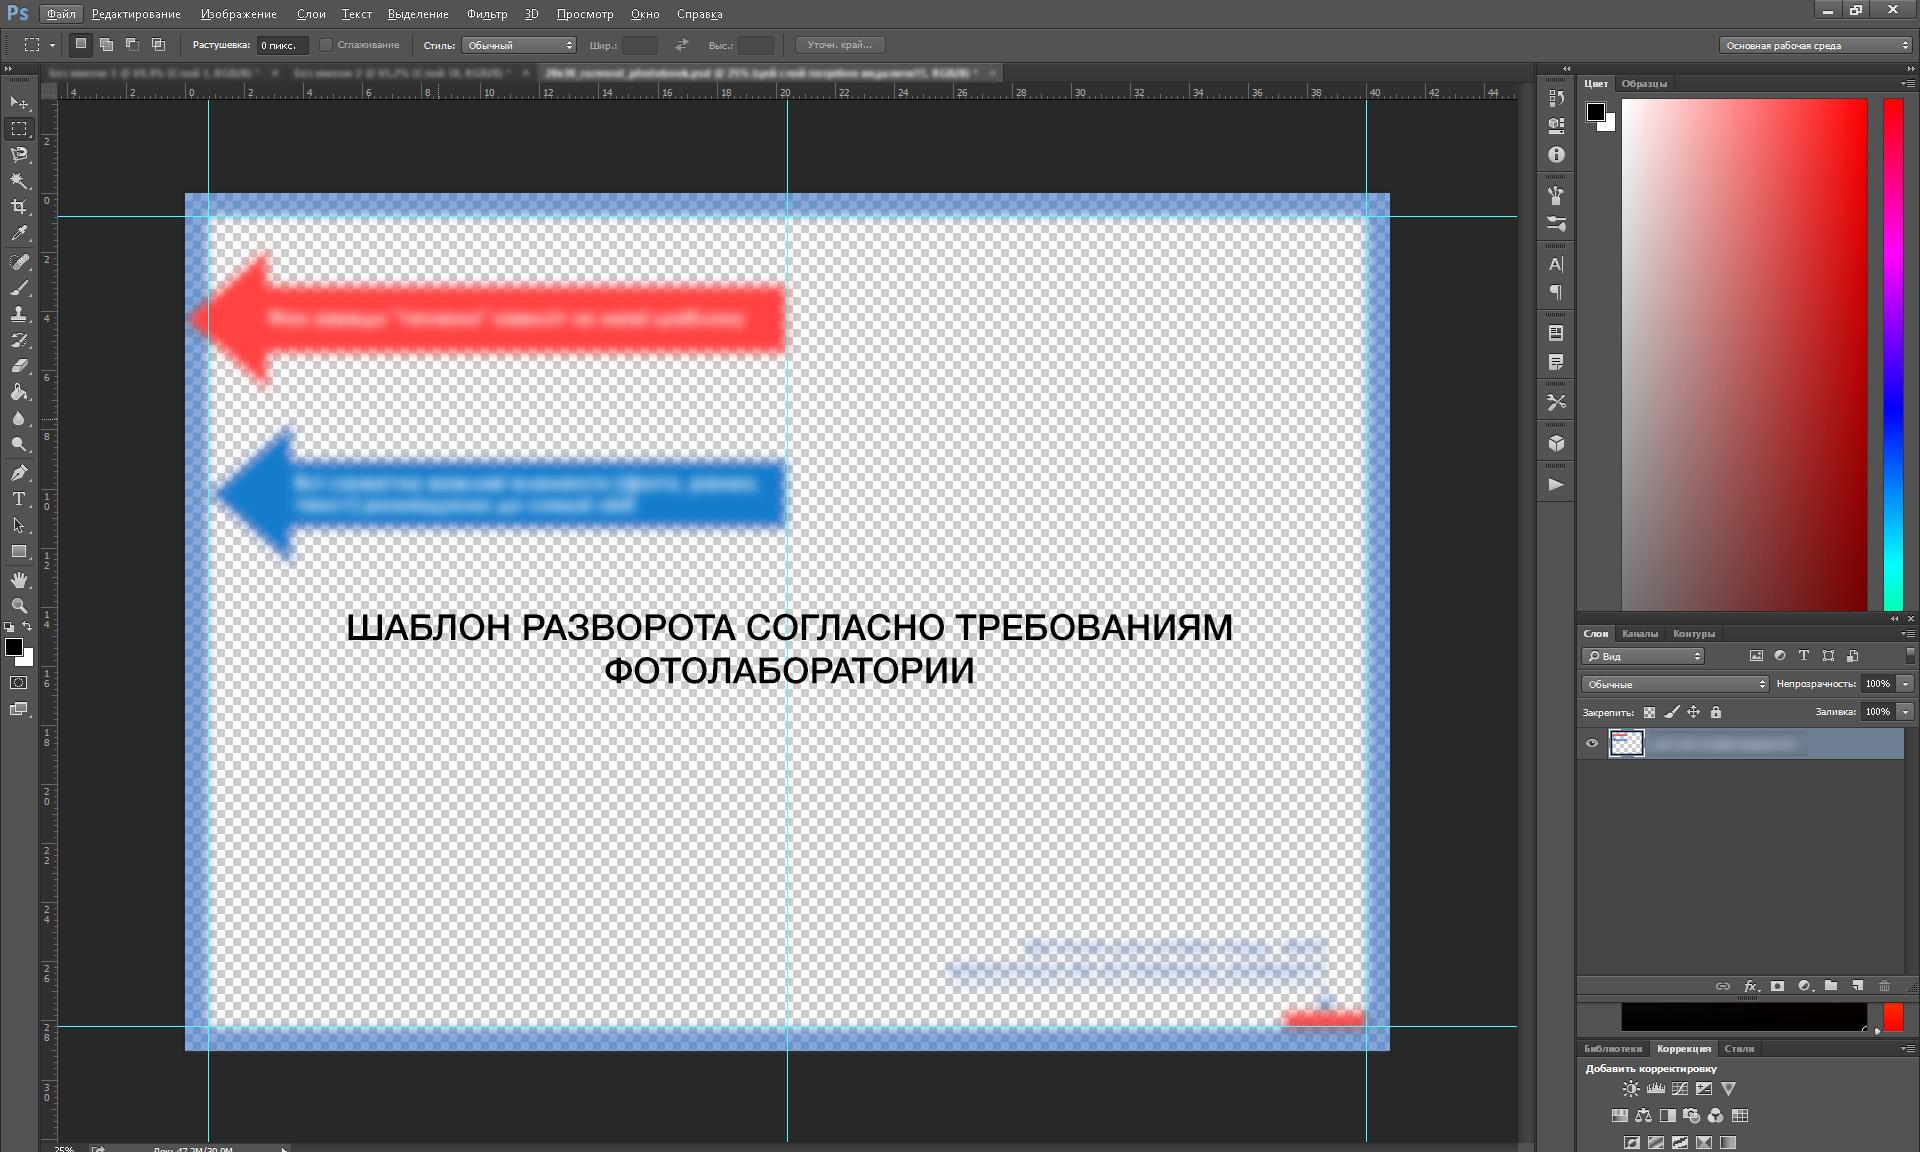 Файл с коллажом обычно появляется в стандартной папке 'Изображения' и подпапке 'Picasa'.